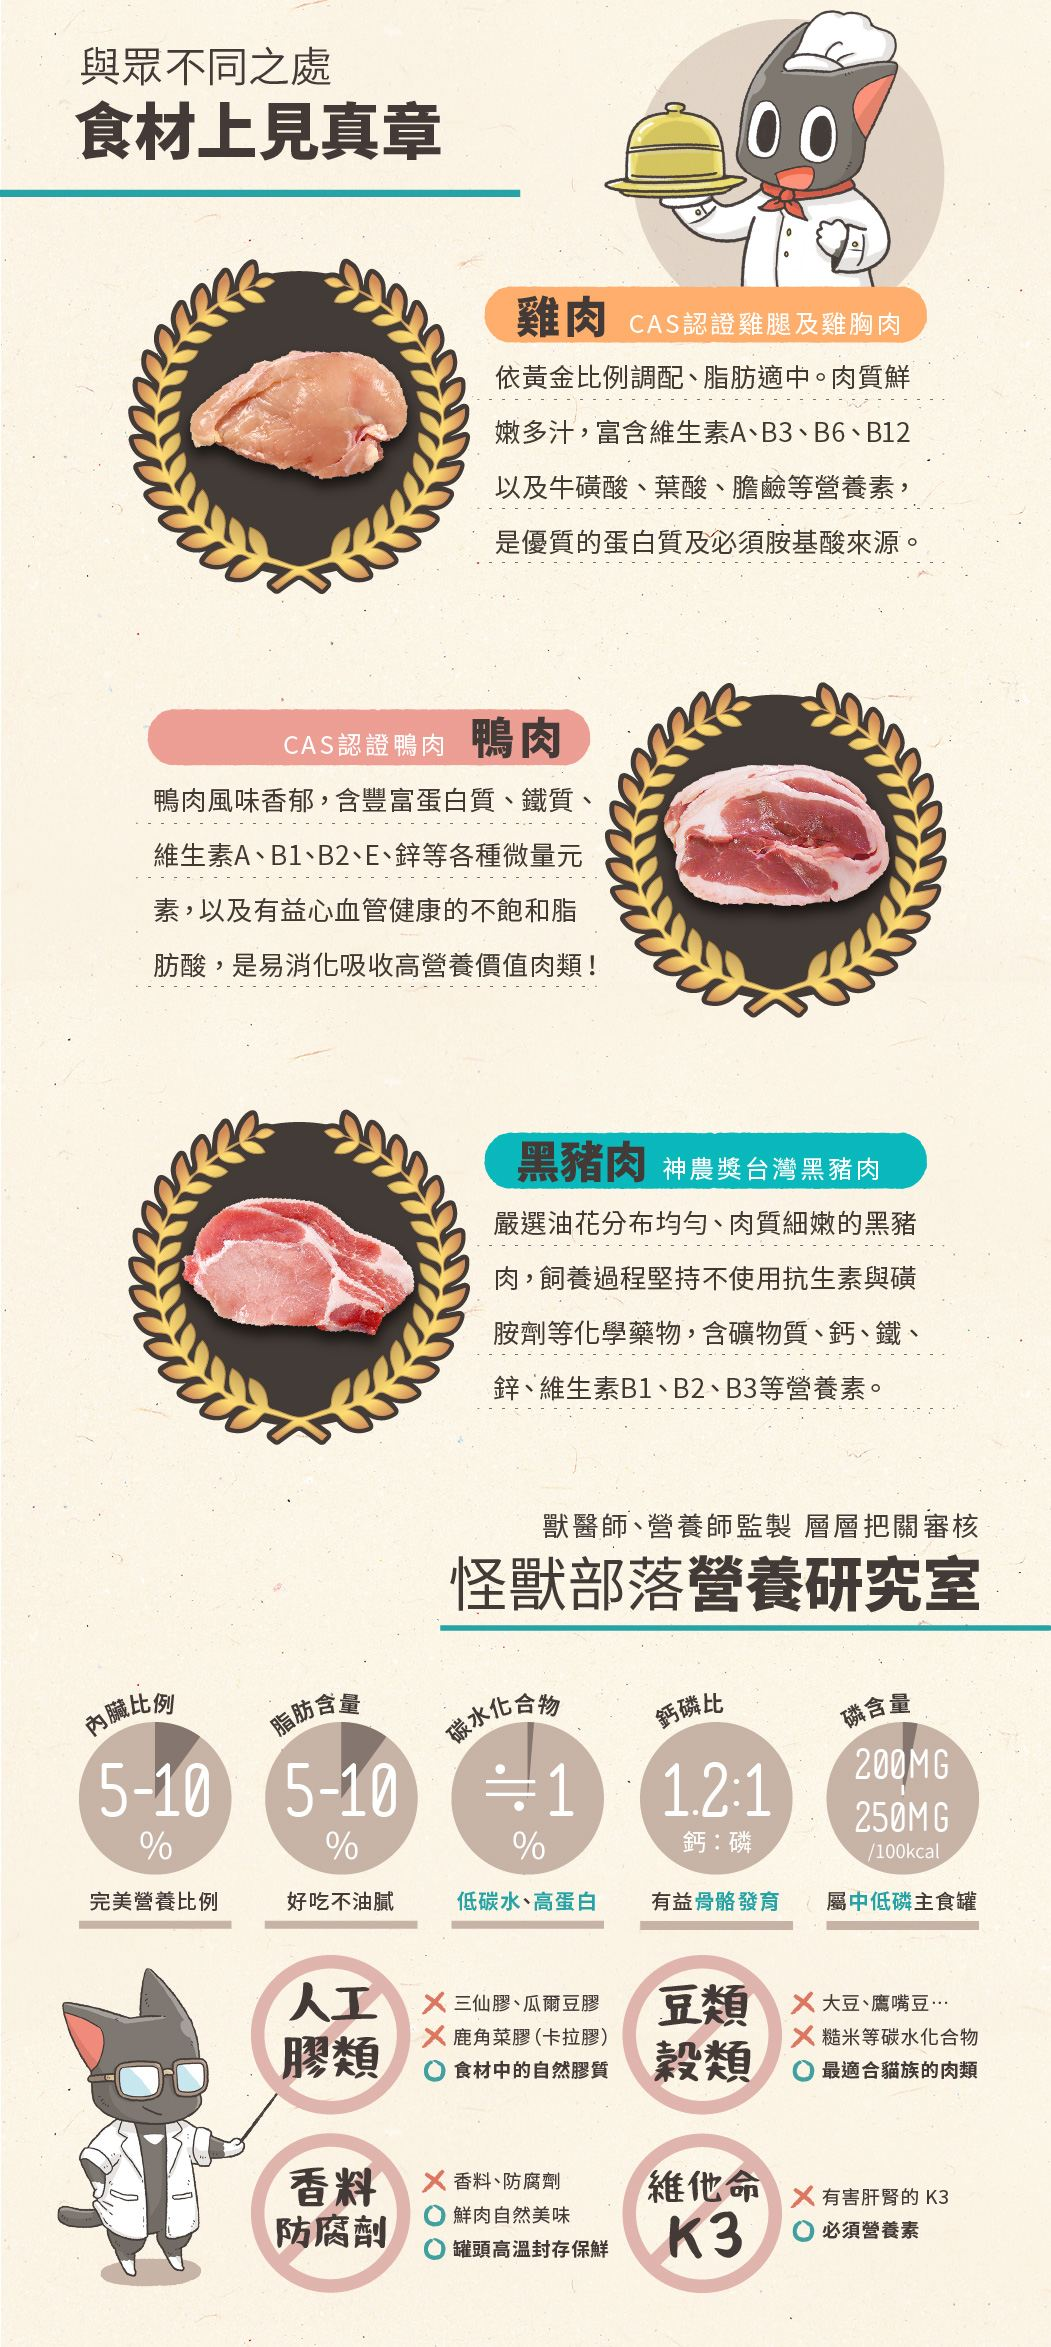 [喵皇帝] 怪獸部落 貓族 小怪獸1種肉無膠主食罐 82G 單一蛋白質低敏 純雞肉鴨肉黑豬肉 貓罐頭